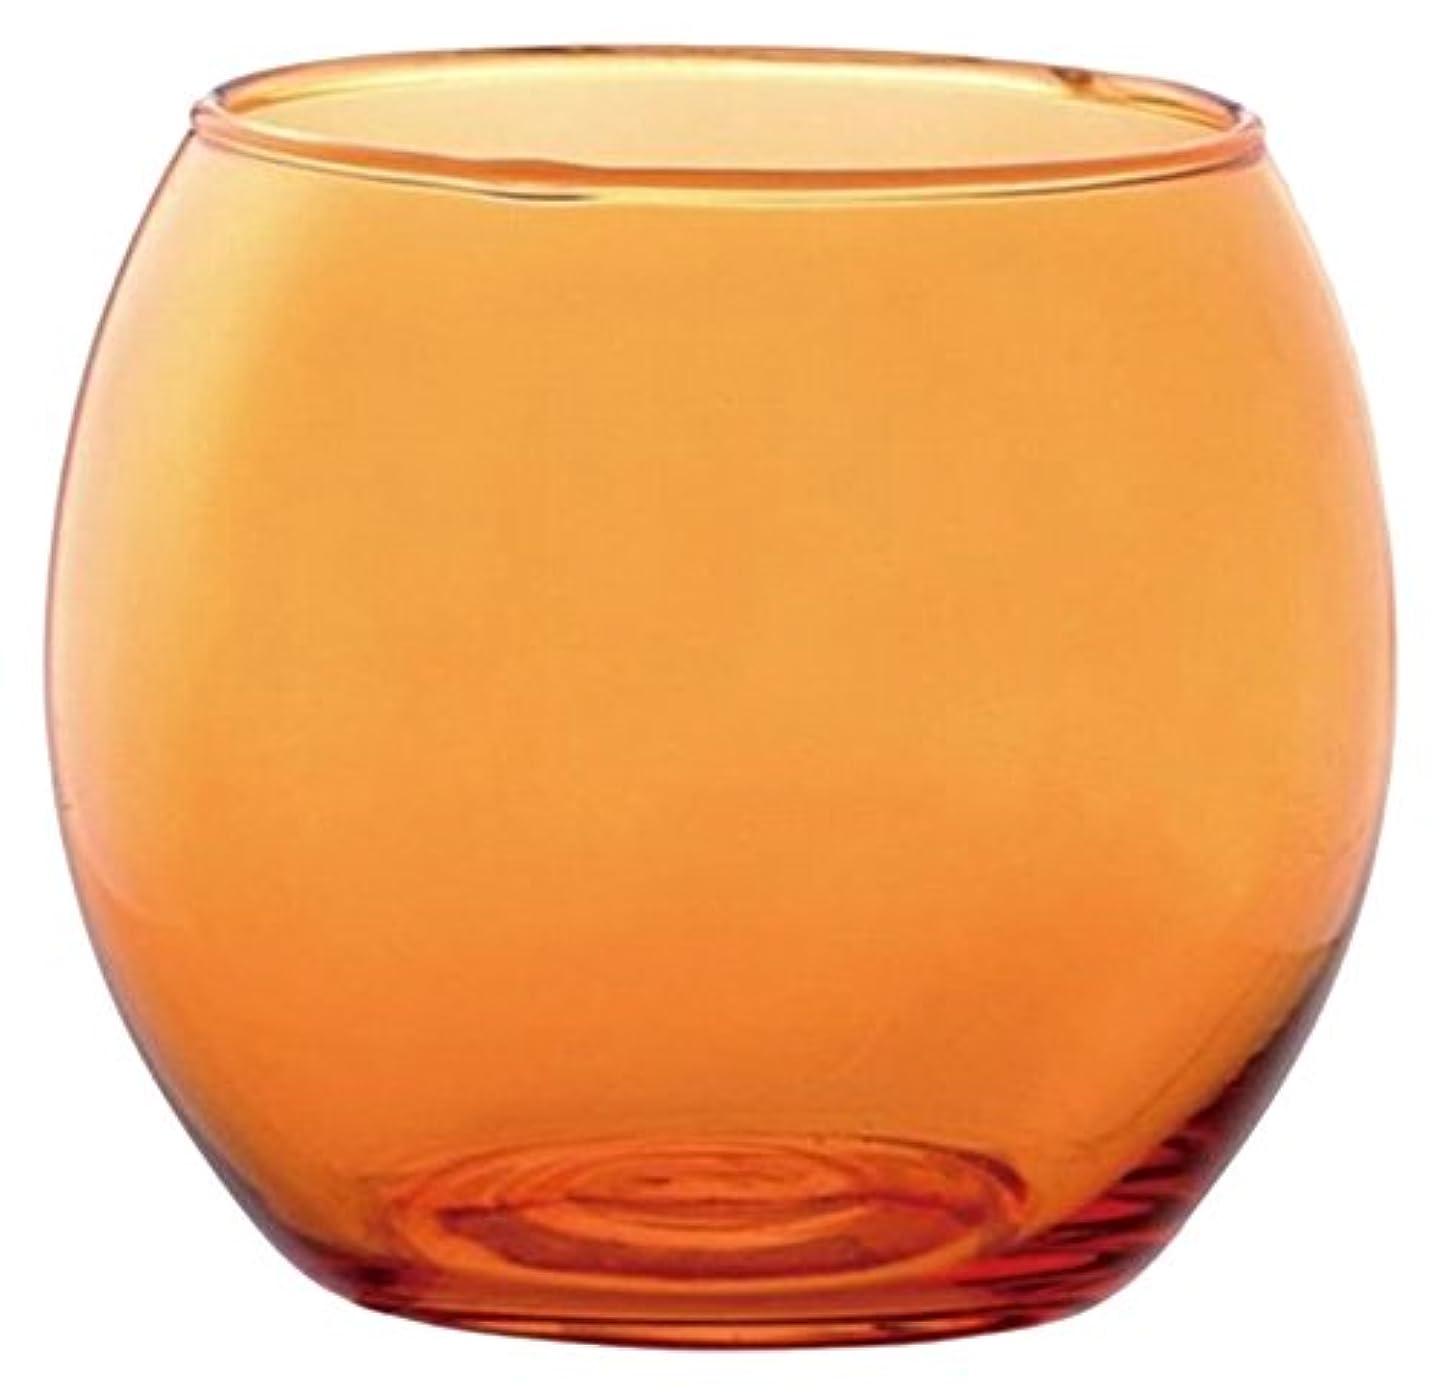 可能性休憩する十分なカメヤマキャンドルハウス スフィアキャンドルホルダー  オレンジ